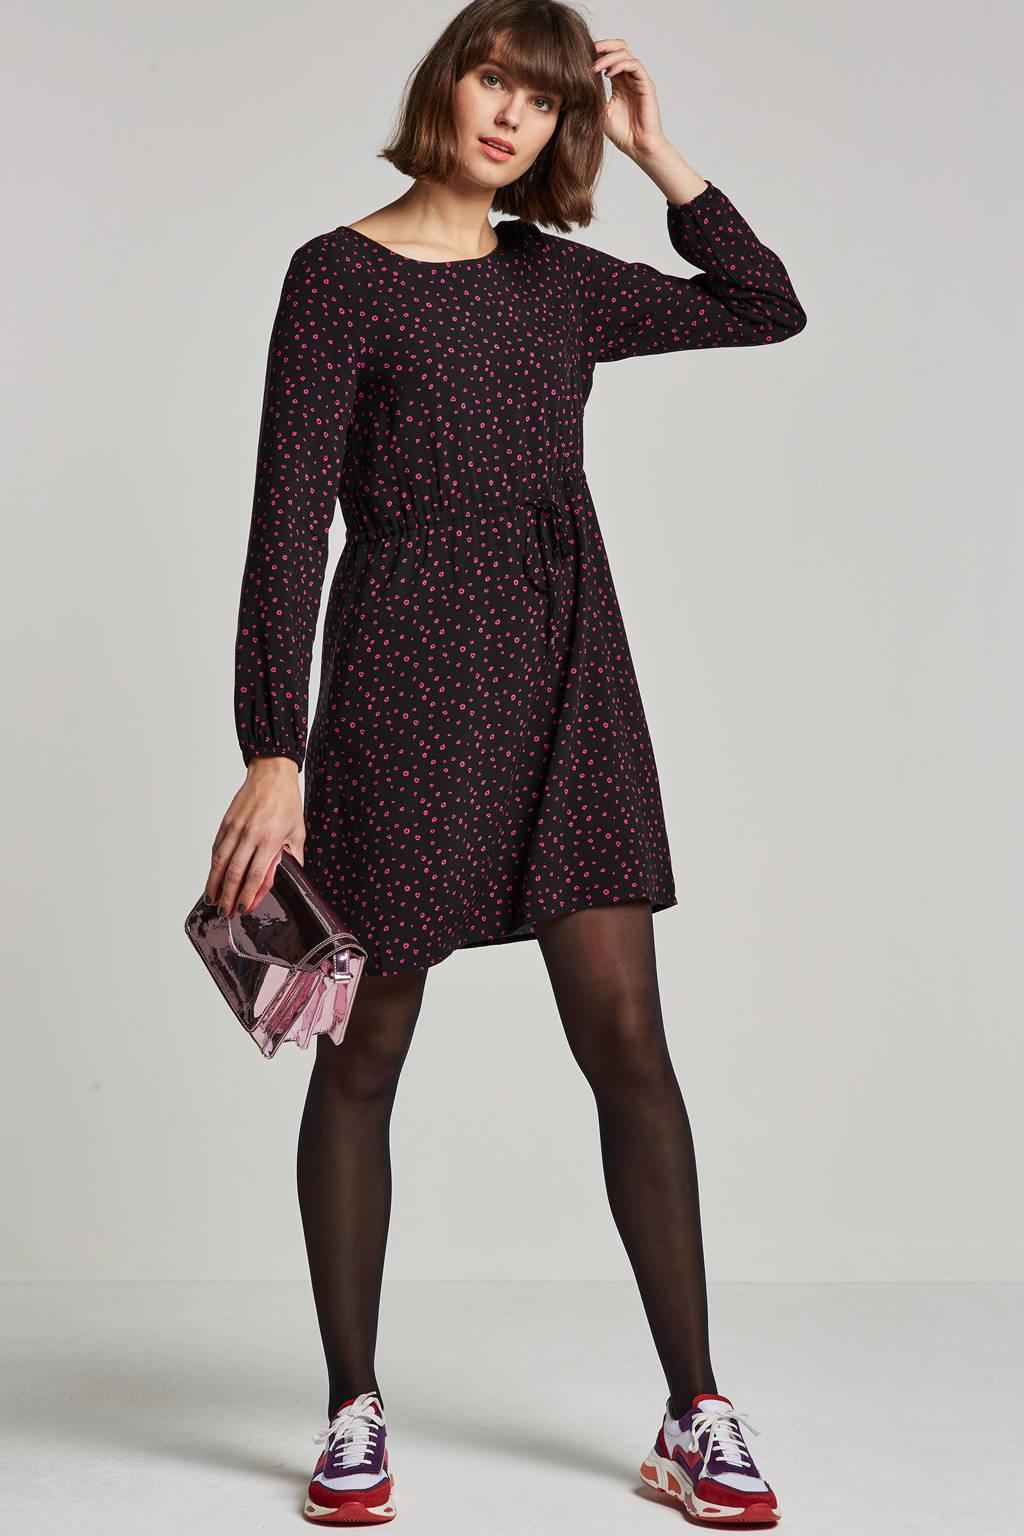 Tom Tailor jurk met bloemenprint, Zwart/roze